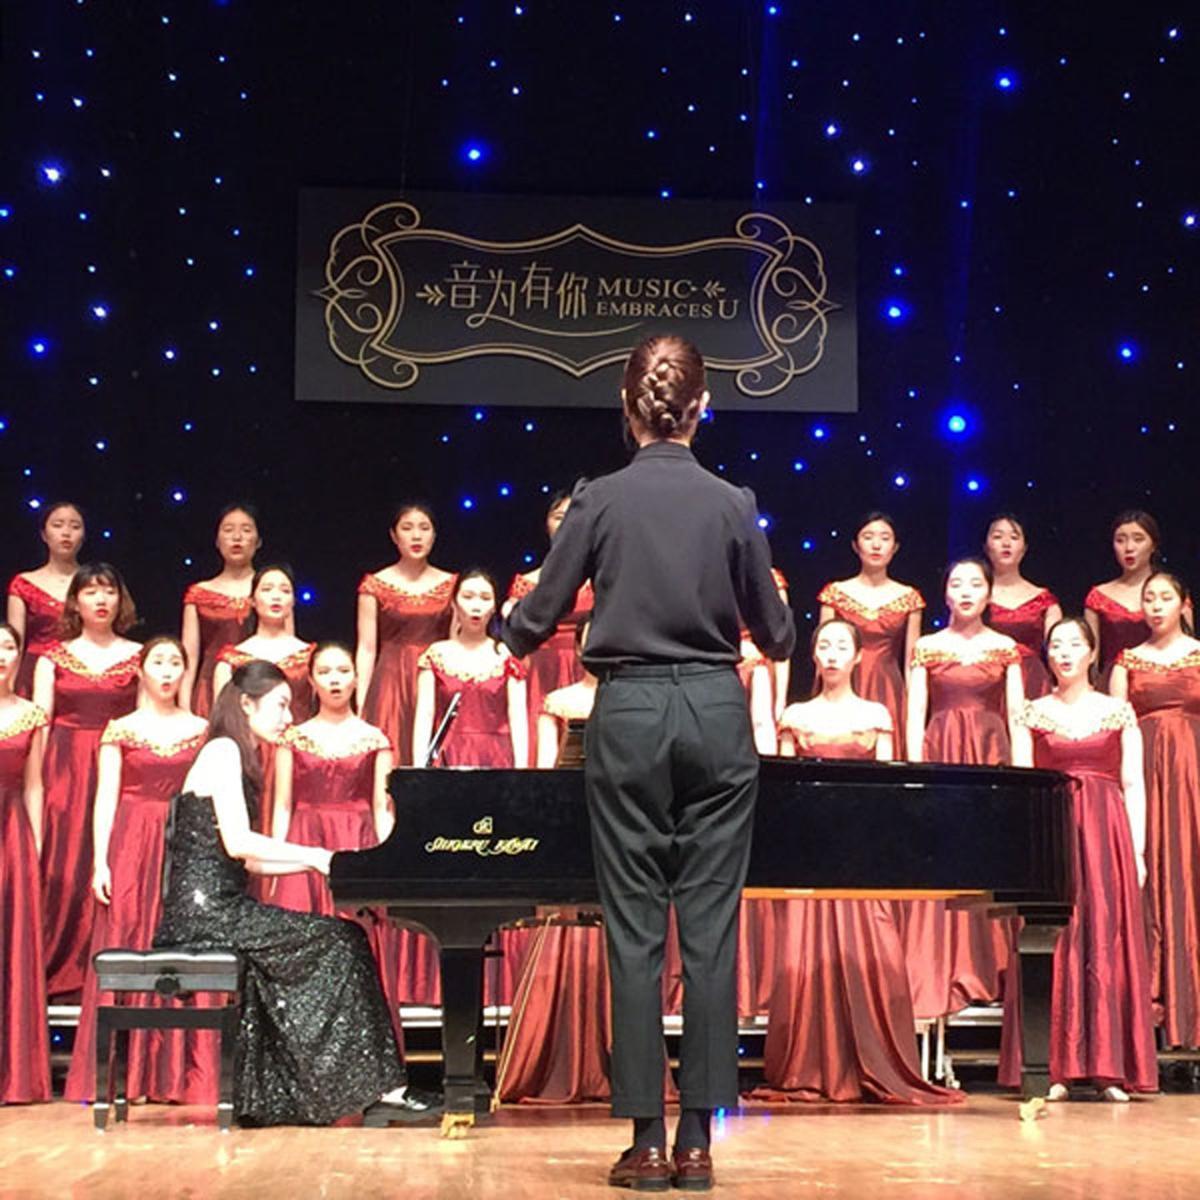 Jianghan Choir